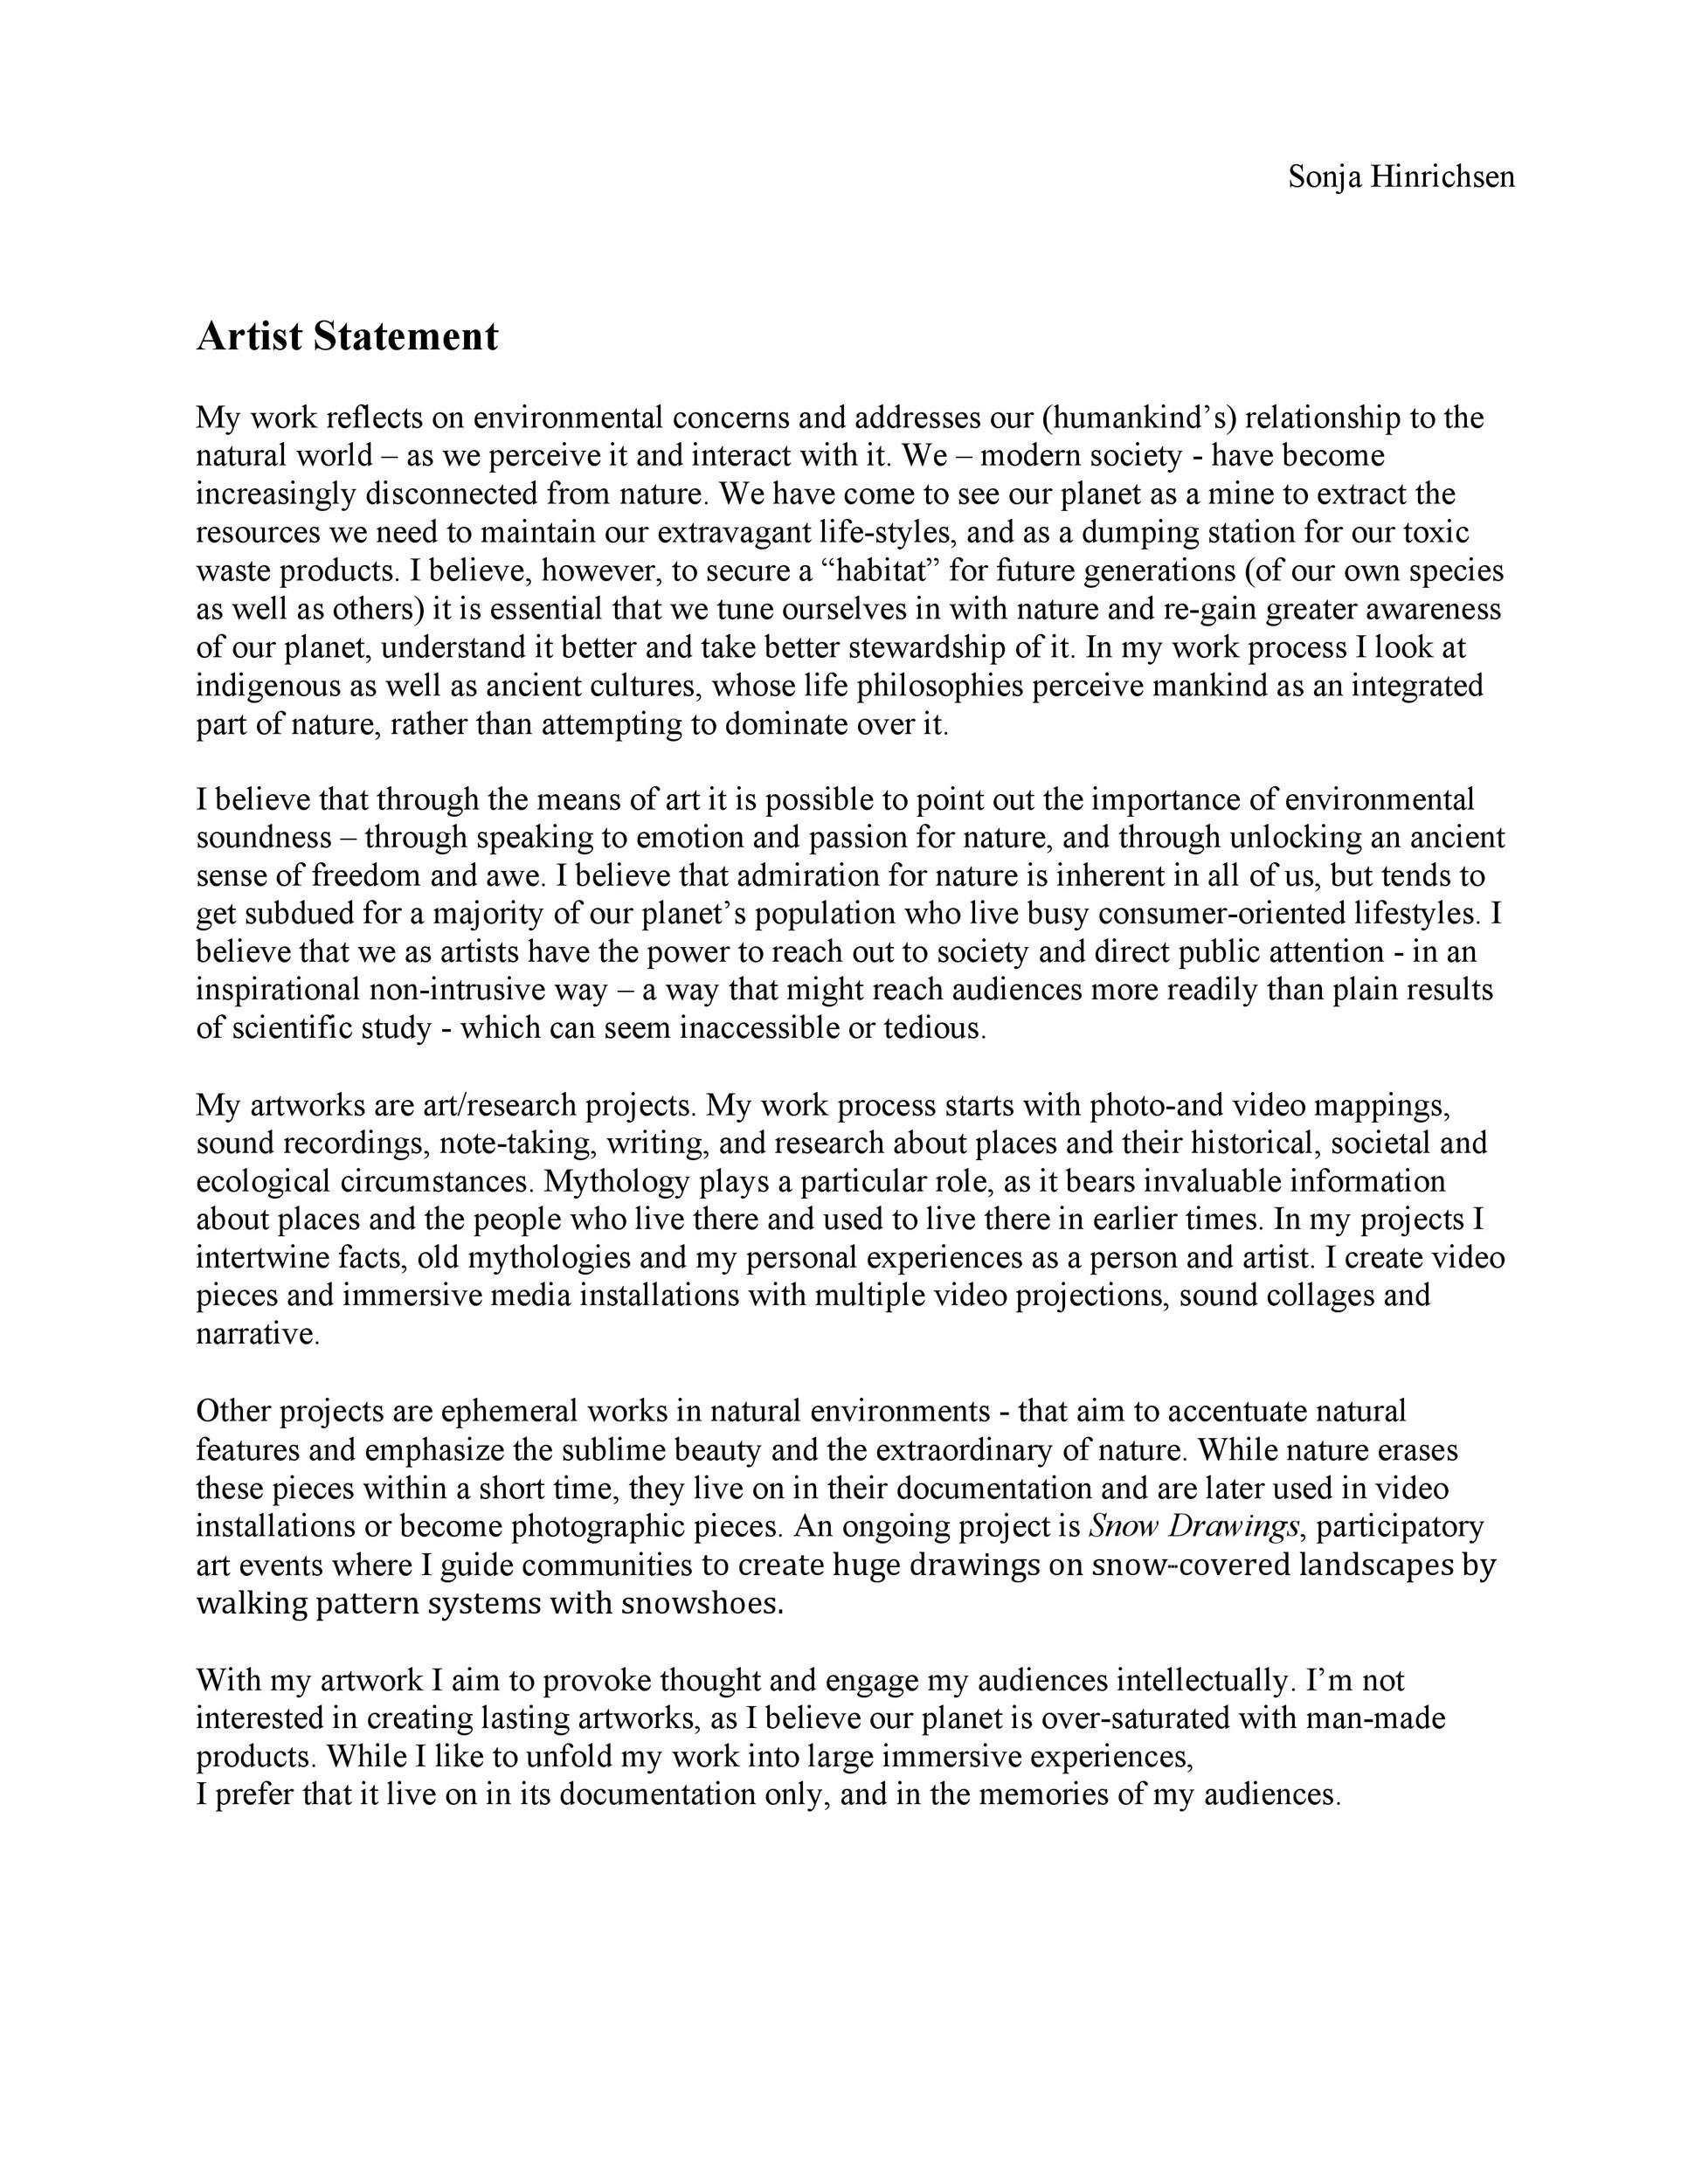 Free artist statement 31